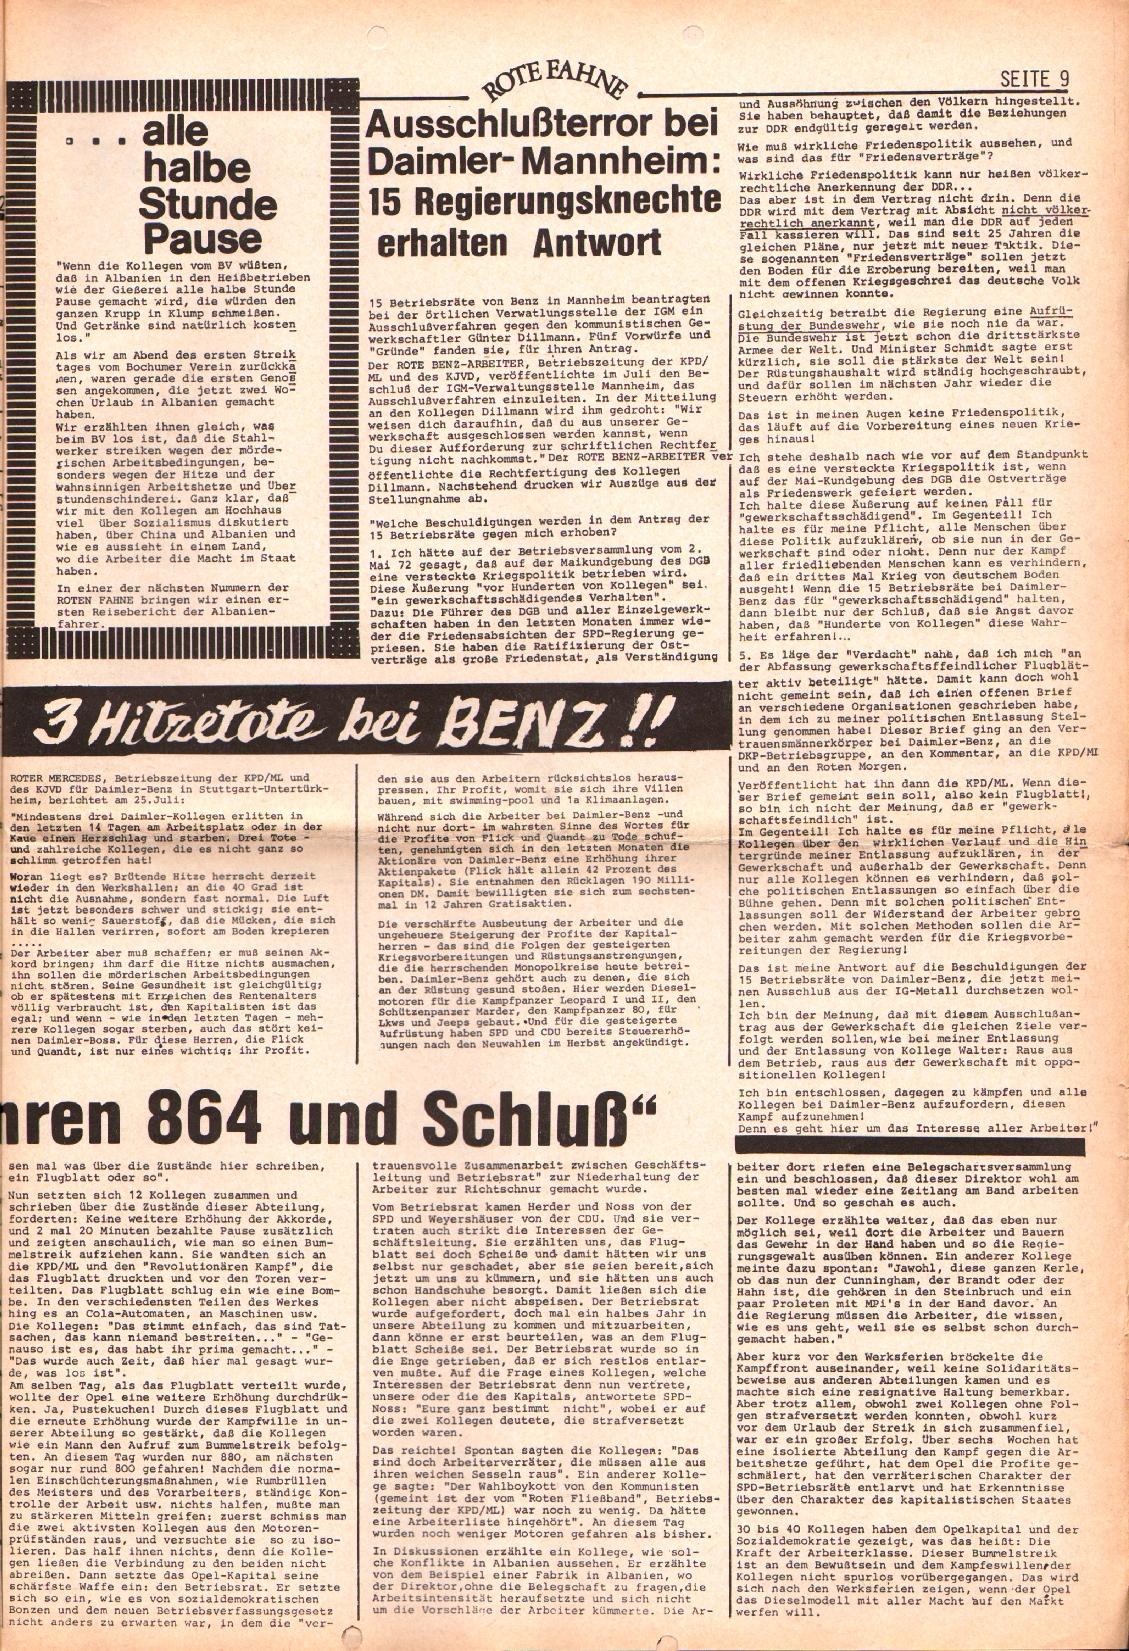 Rote Fahne, 3. Jg., 7.8.1972, Nr. 16, Seite 9